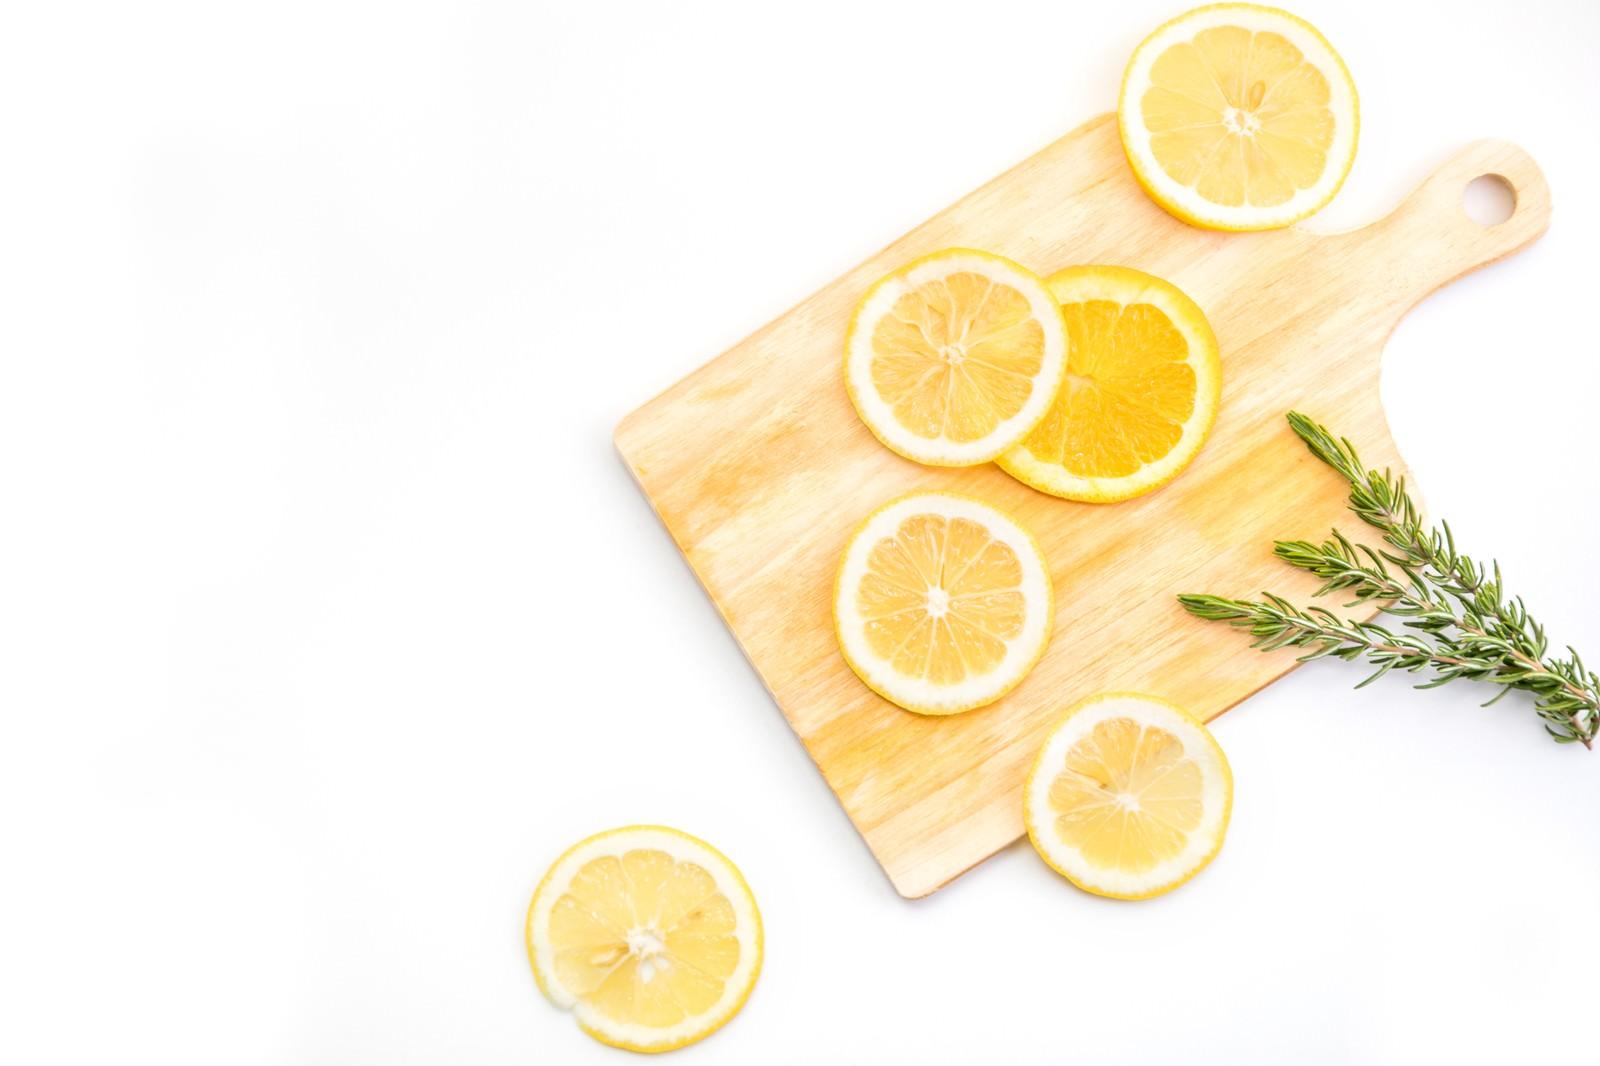 「カットされたレモン(柑橘)」の写真